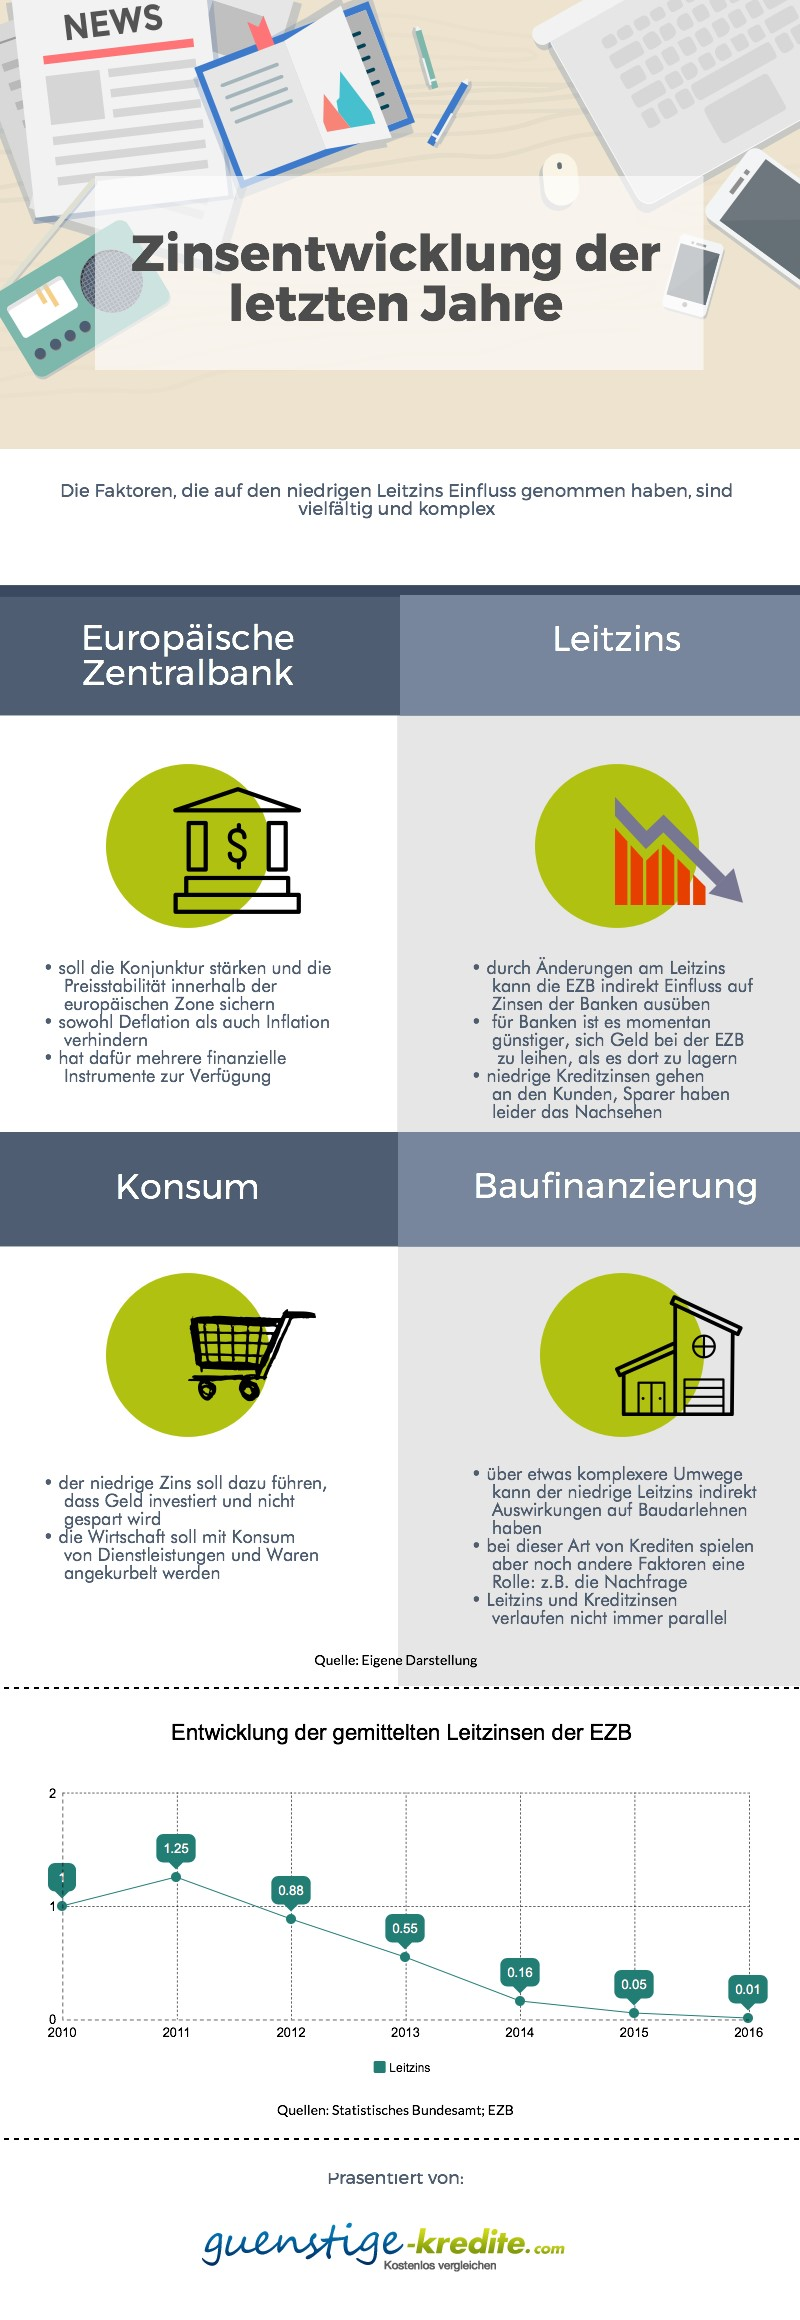 Die Europäische Zentralbank übt mit einem niedrigen Leitzins indirekt Einfluss auf die Wirtschaft aus. Infografikquelle: Eigene Darstellung